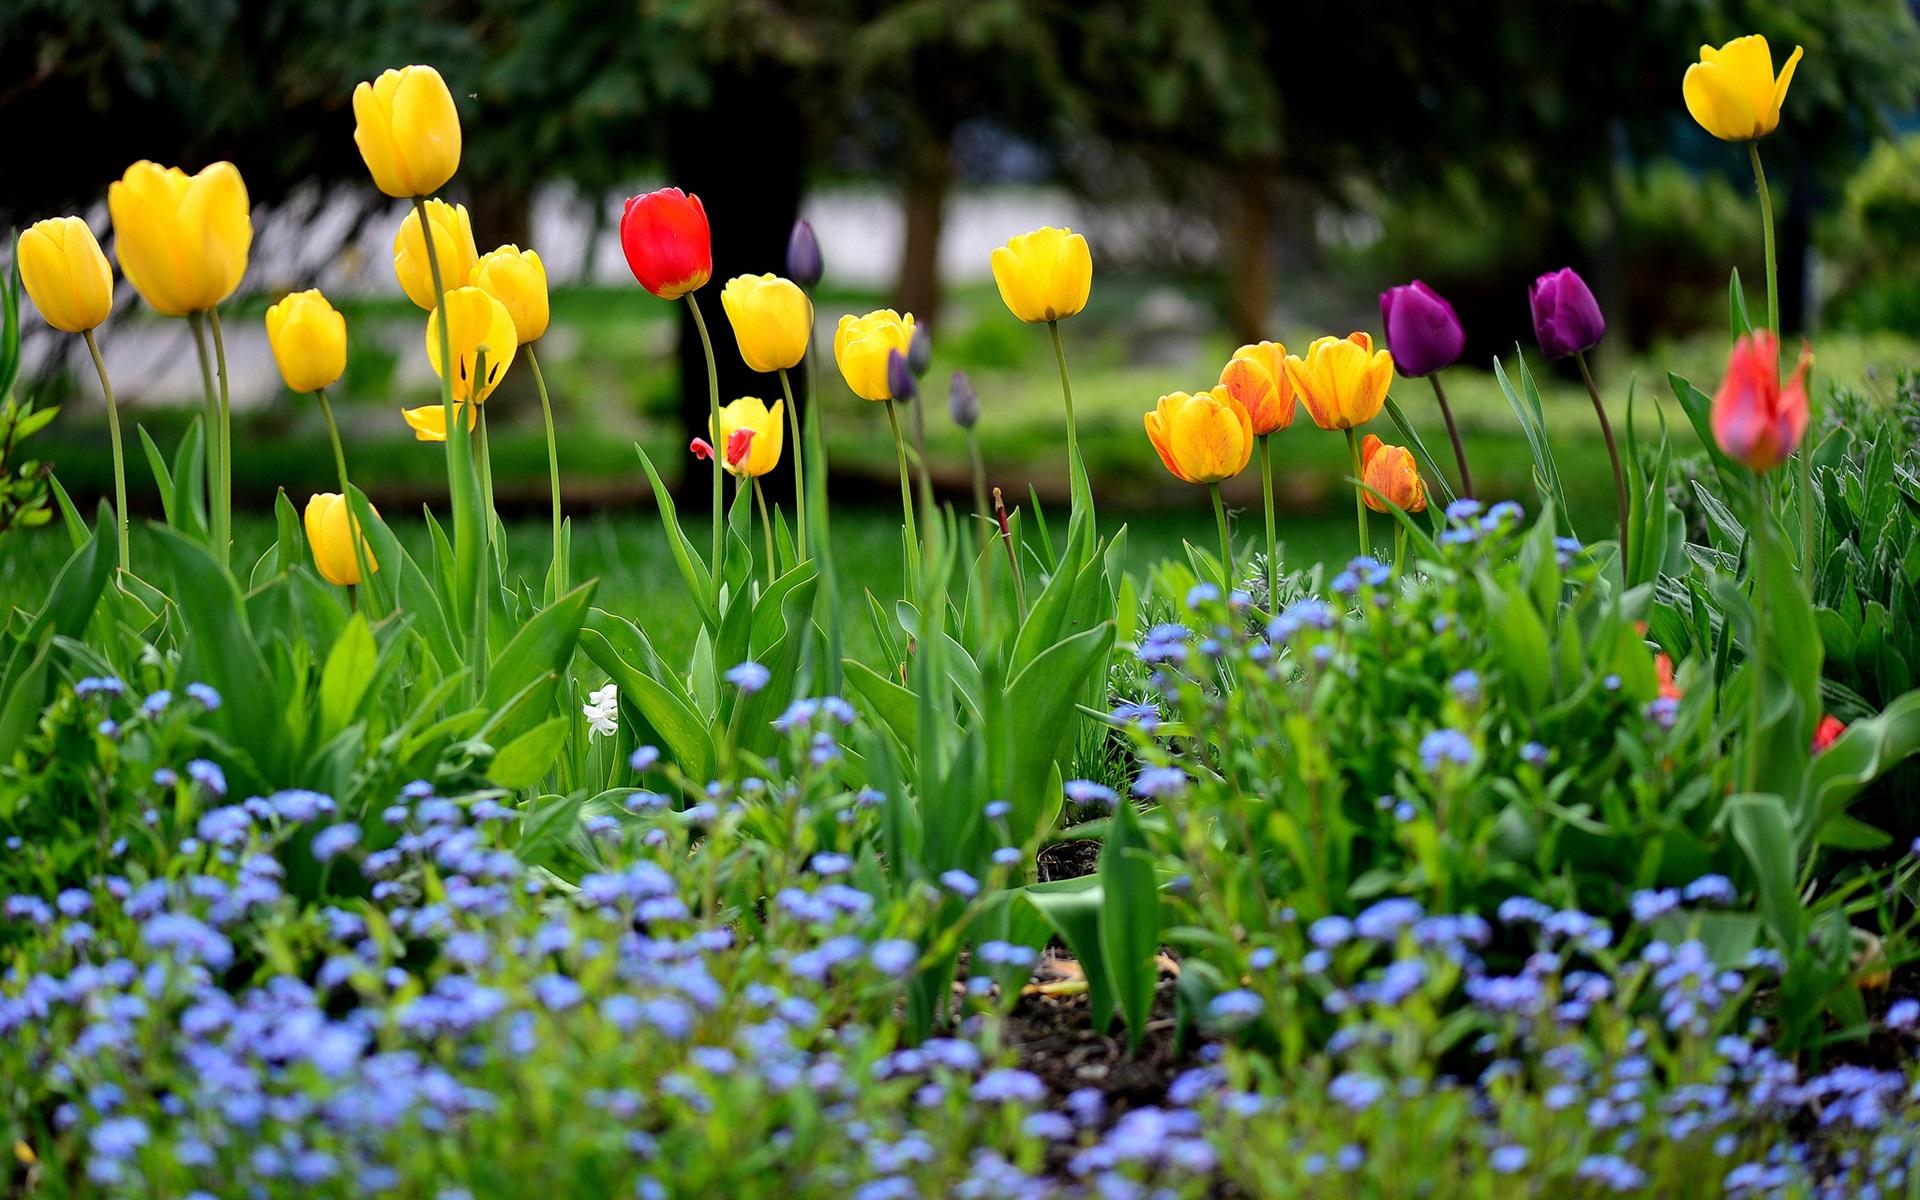 Fondos De Pantalla Hd Flores: Fondos De Pantalla Jardín De Flores, Primavera, Tulipanes